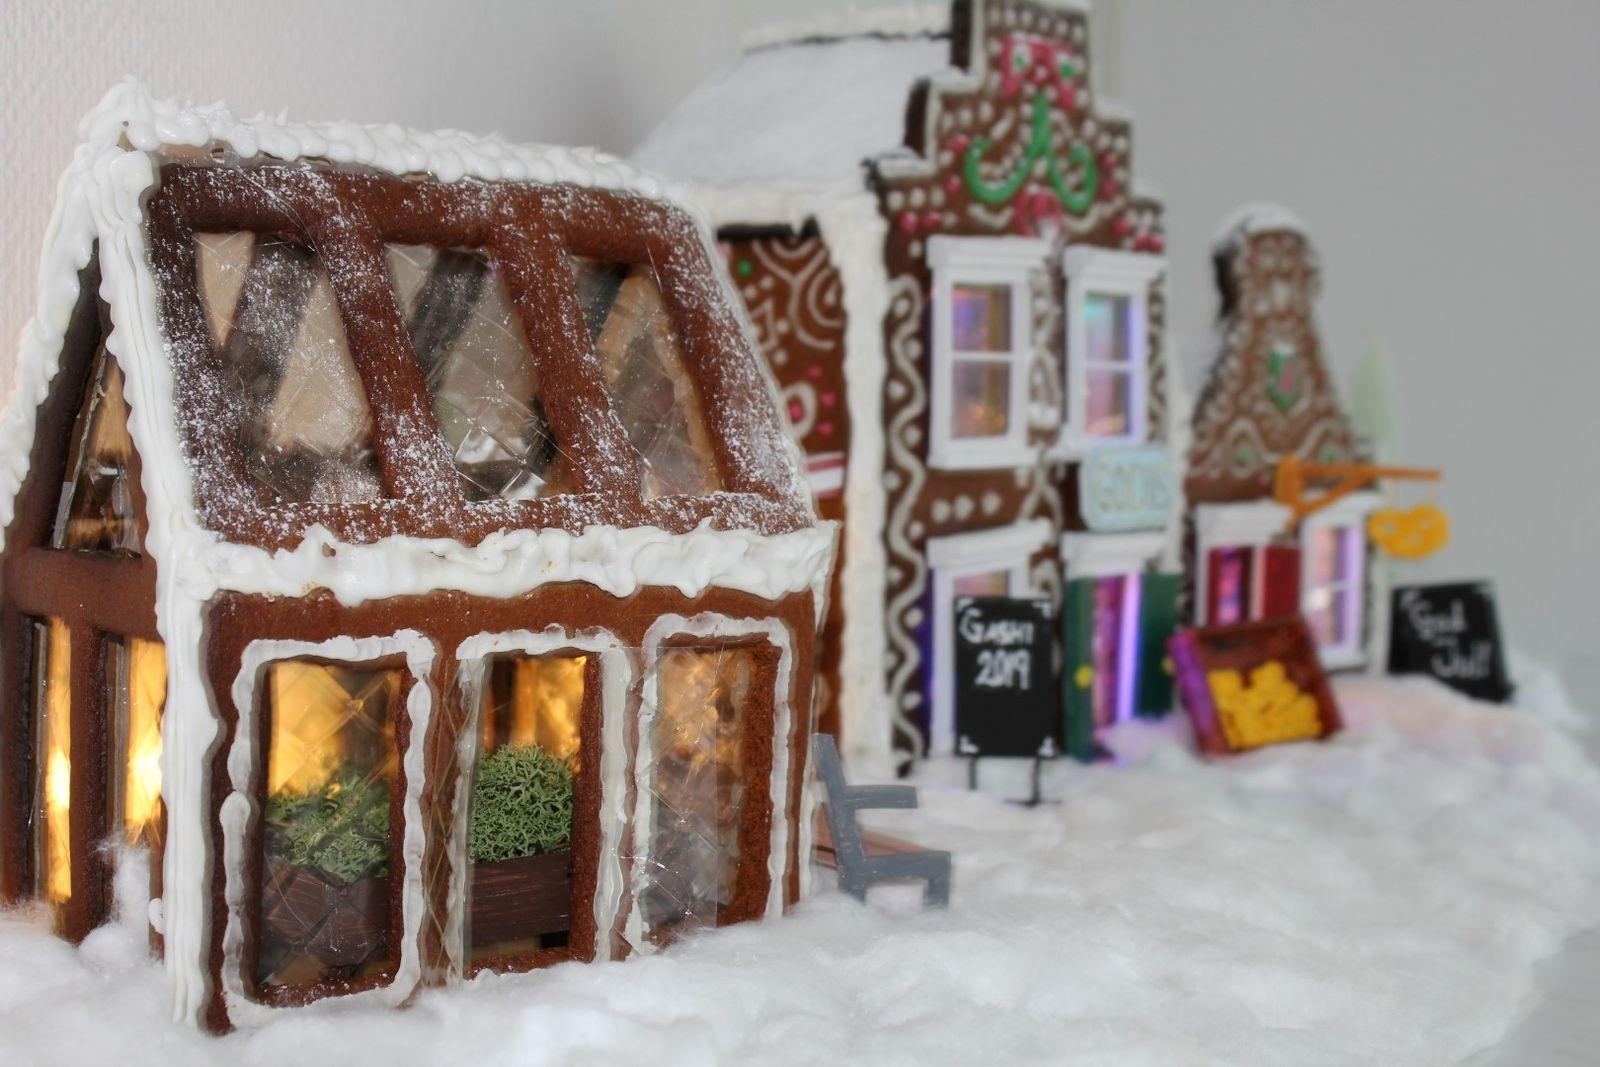 Här är årets pepparkakshus designat, byggt och dekorerat av familjen Gashi i Kalmar. Pepparkaksbygget består av tre byggnader, en godisaffär, ett bageri och ett växthus som avspeglar familjen Gashis kombinerade intressen. Familjen Gashi består av: Anna, Hashim, Nelli och Edvinn.